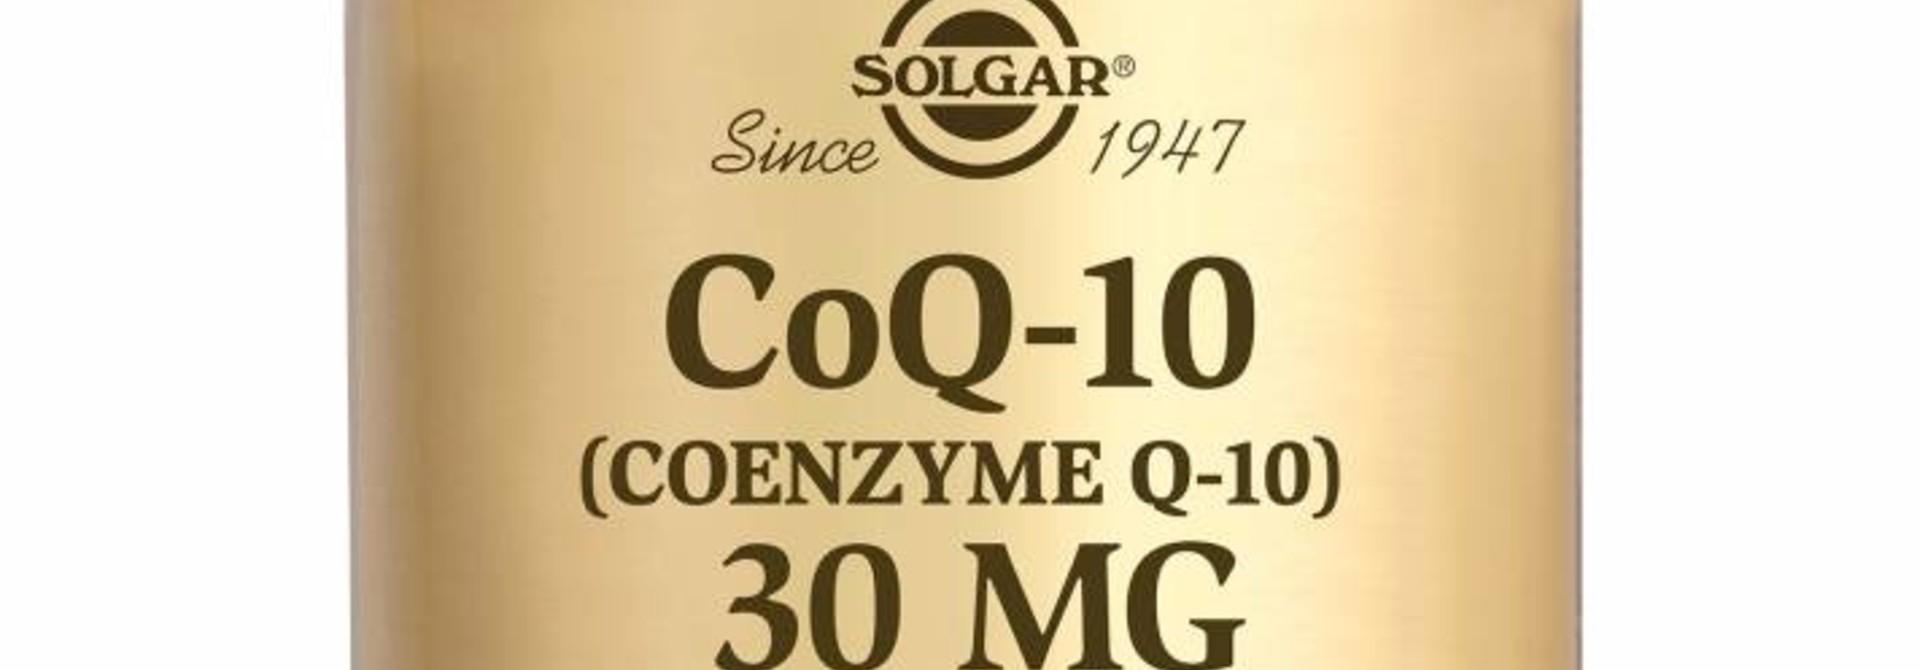 Co-Enzyme Q-10 30 mg 60 plantaardige capsules